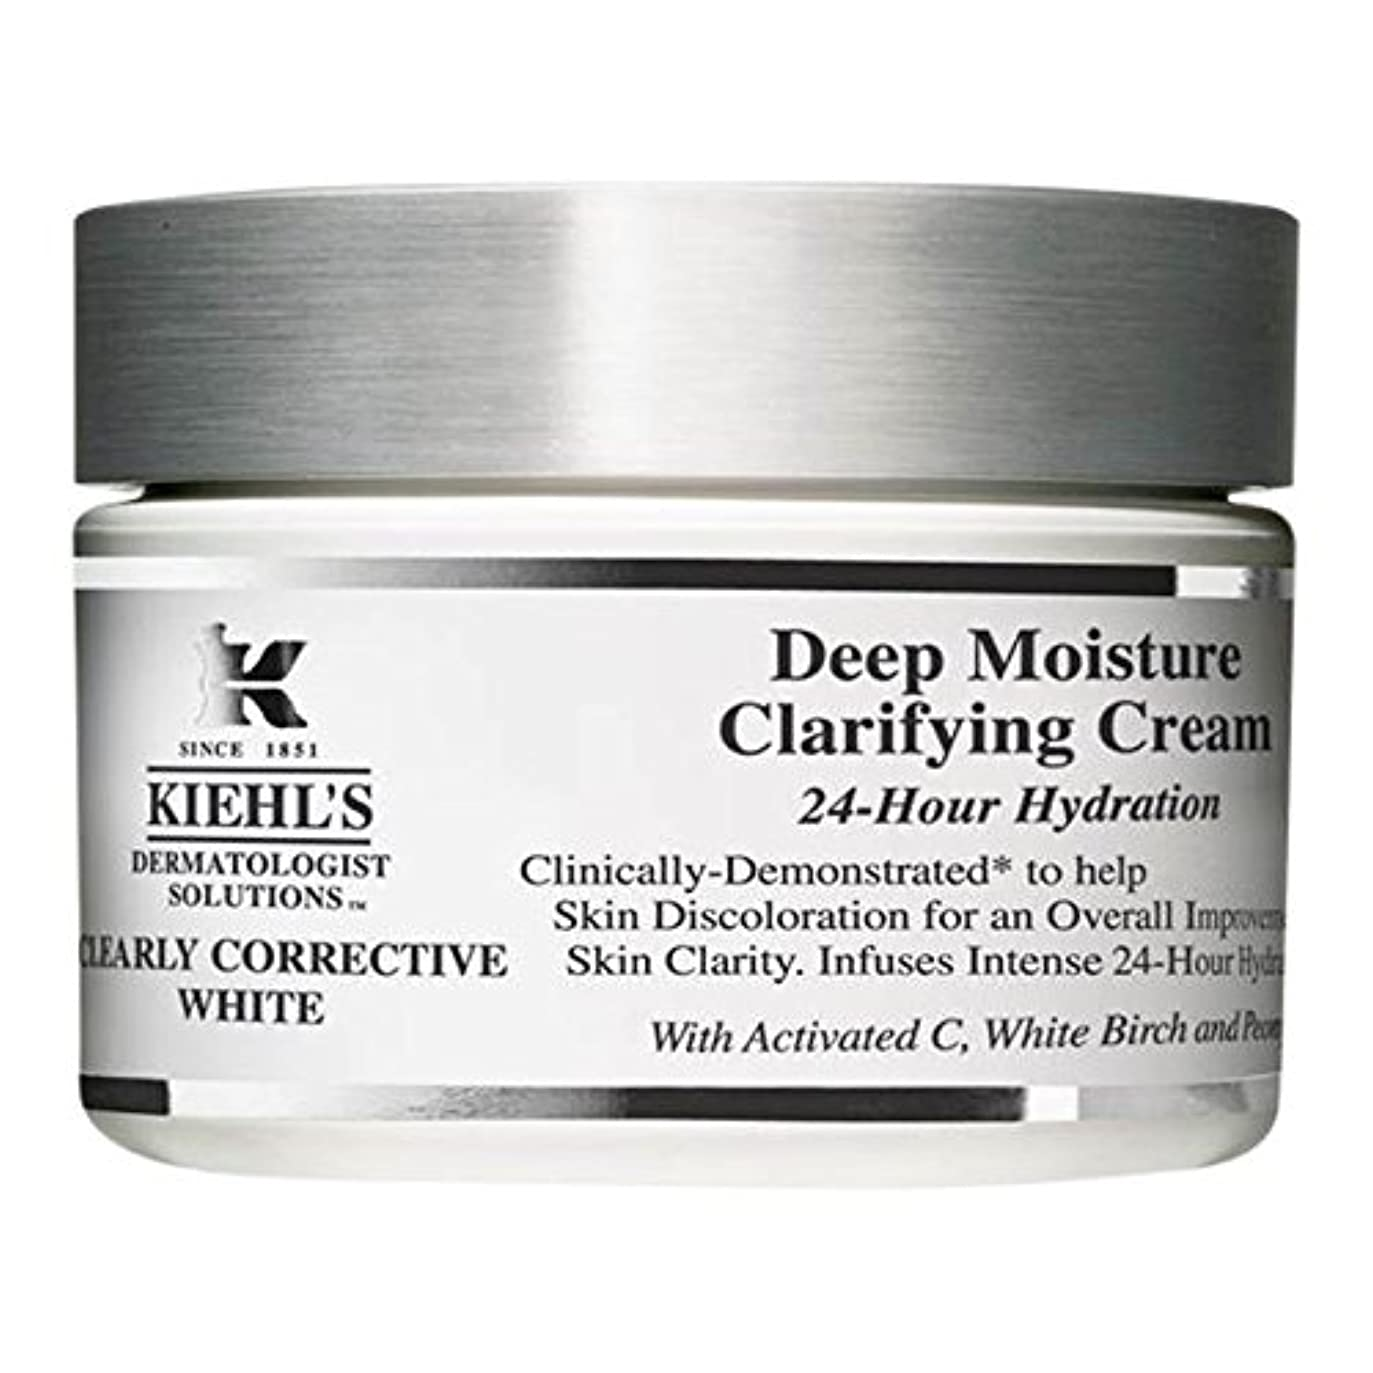 樹木干ばつ完璧[Kiehl's] キールズ明確に是正白深い水分清澄クリーム - Kiehl's Clearly Corrective White Deep Moisture Clarifying Cream [並行輸入品]